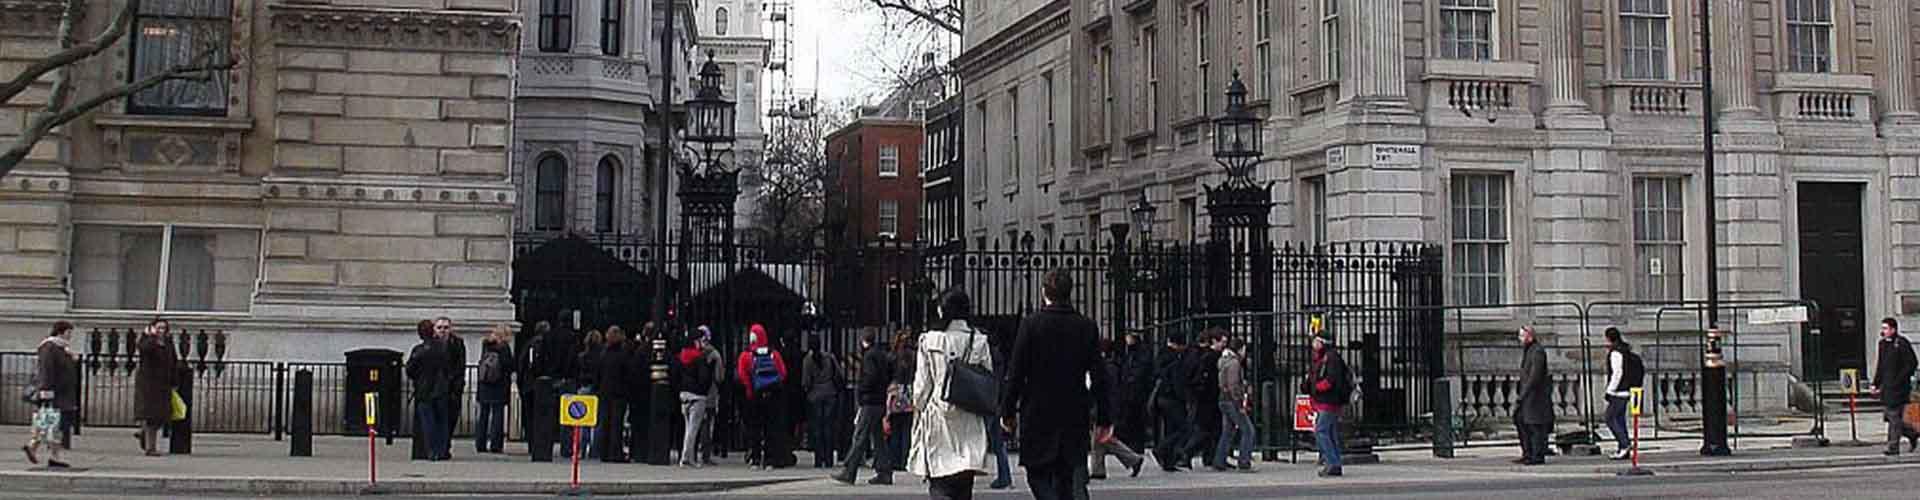 伦敦 – 唐宁街10号附近的青年旅舍。伦敦地图,伦敦每家青年旅舍的照片和评价。